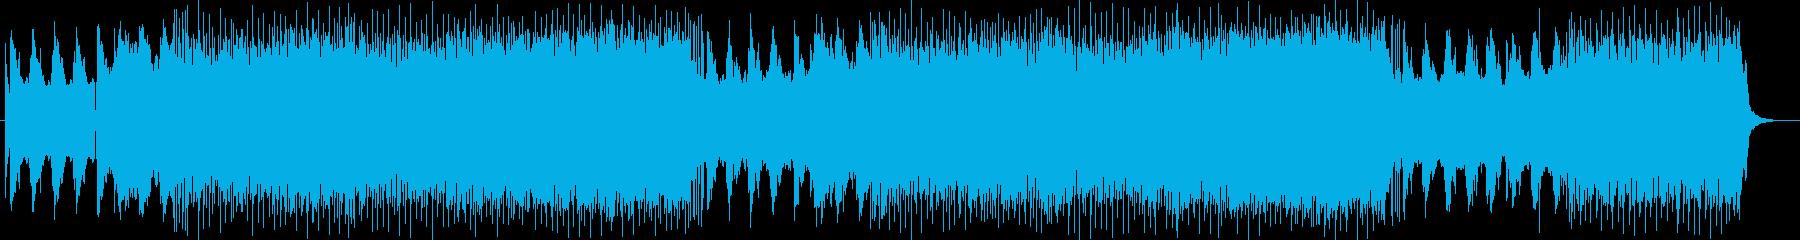 ワイルドでパンクなエレキサウンドの再生済みの波形